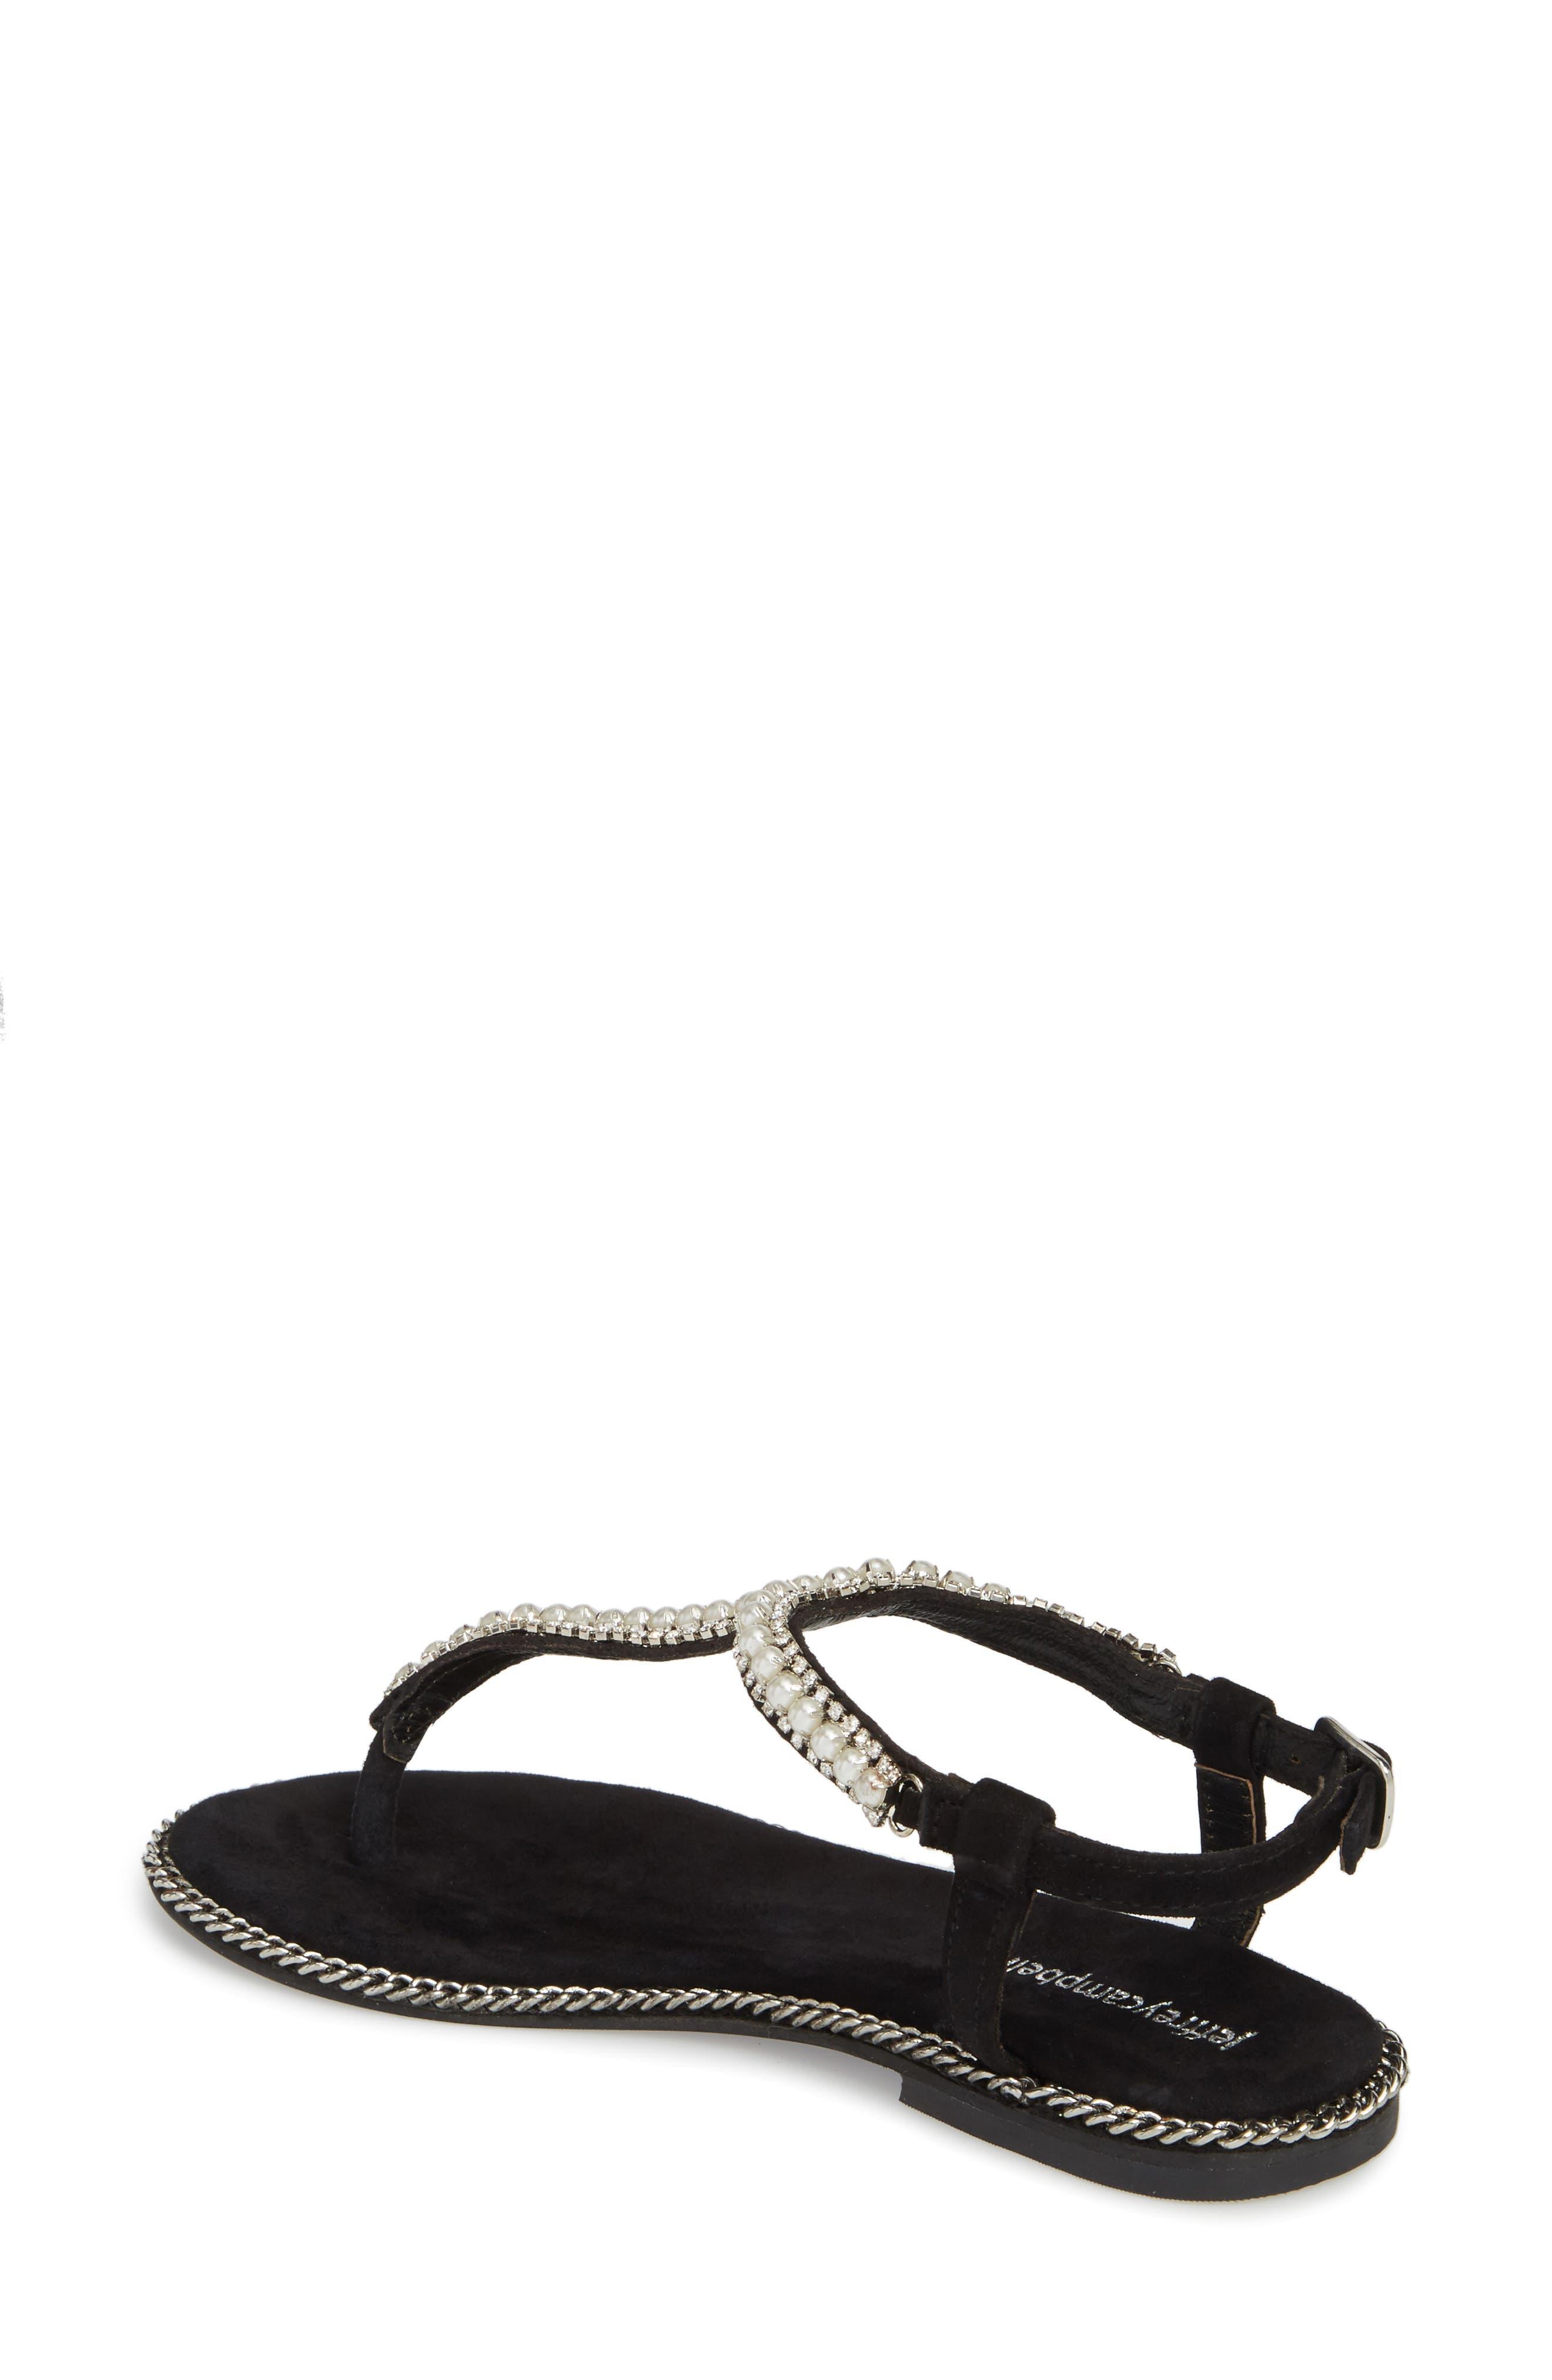 Embellished Ankle Strap Sandal,                             Alternate thumbnail 2, color,                             Black Suede